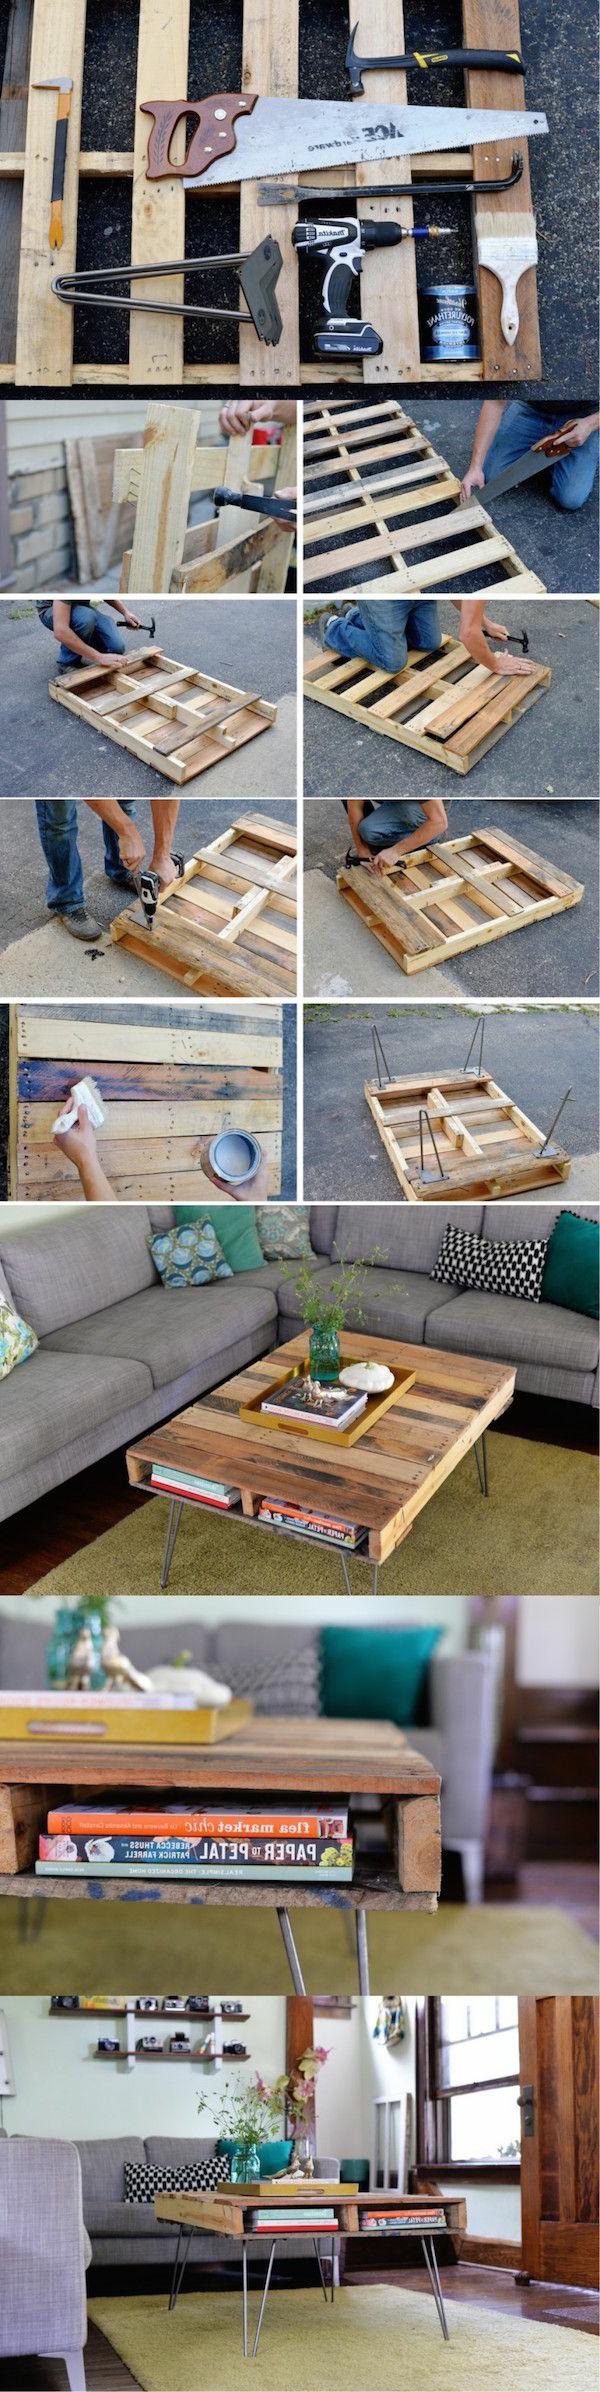 50 id es pour une table basse avec palette - Comment fabriquer une table basse en palette ...